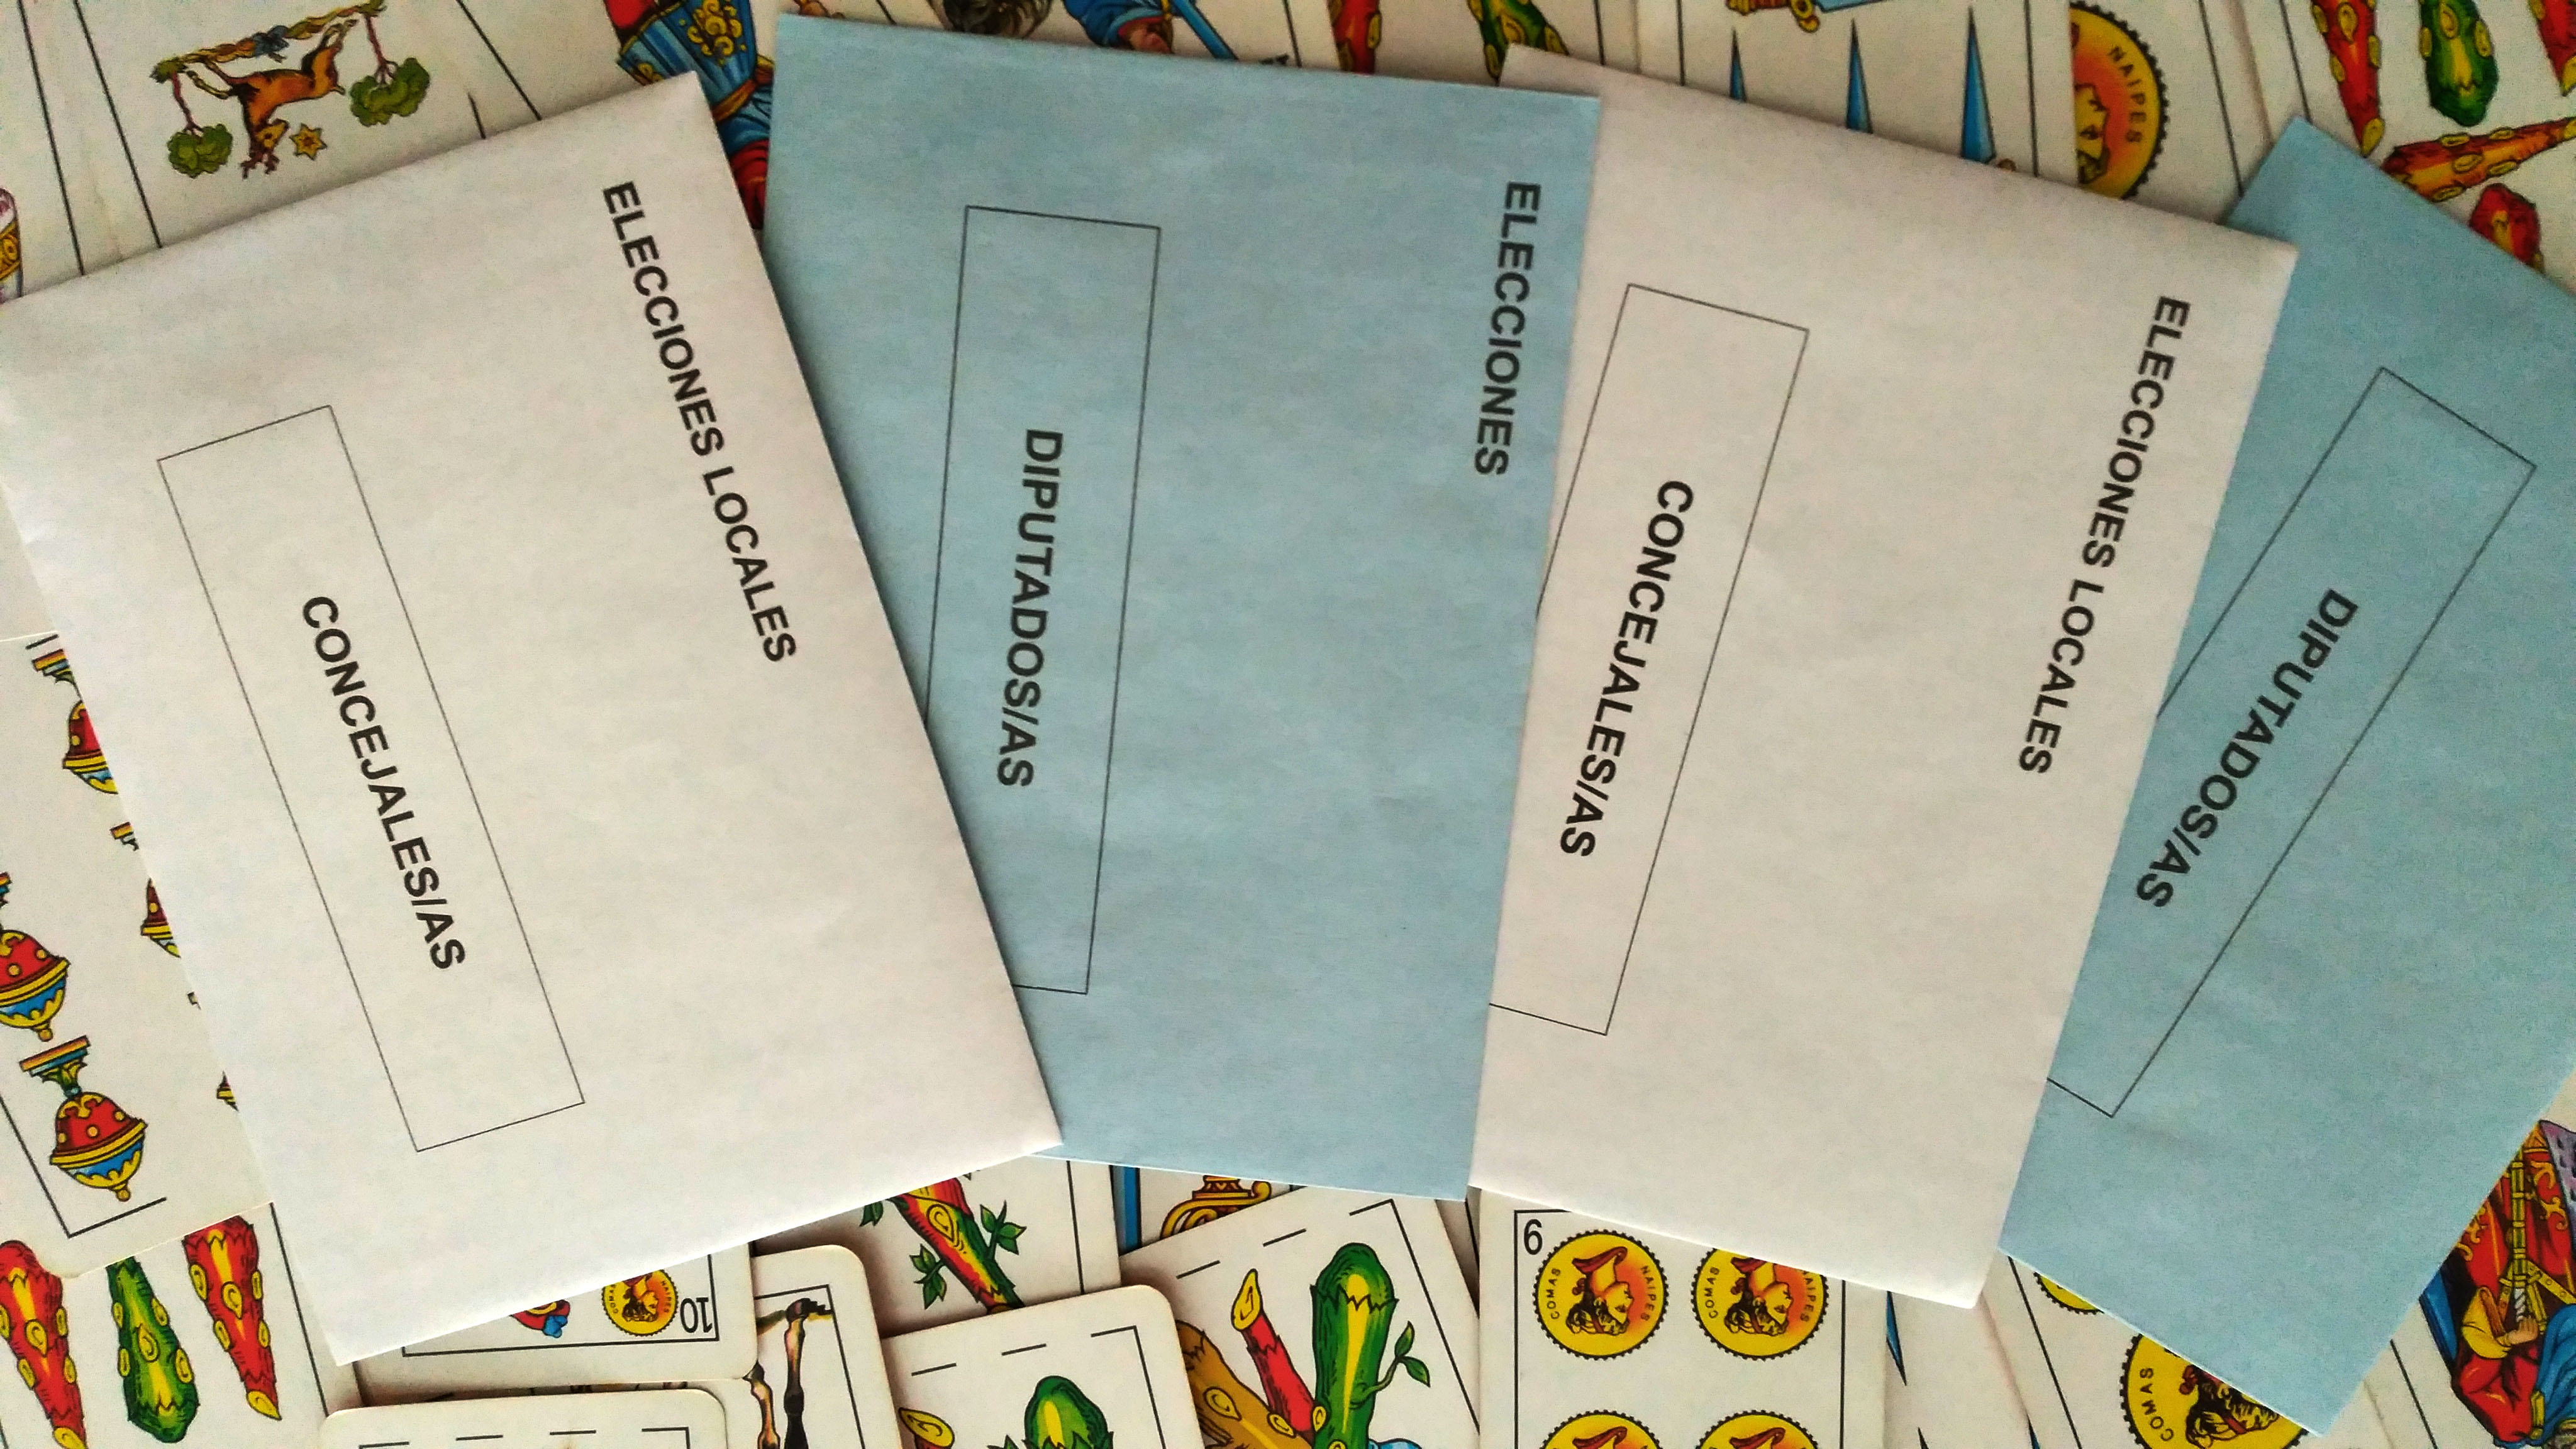 #26M: La suerte está echada, comienza el recuento electoral